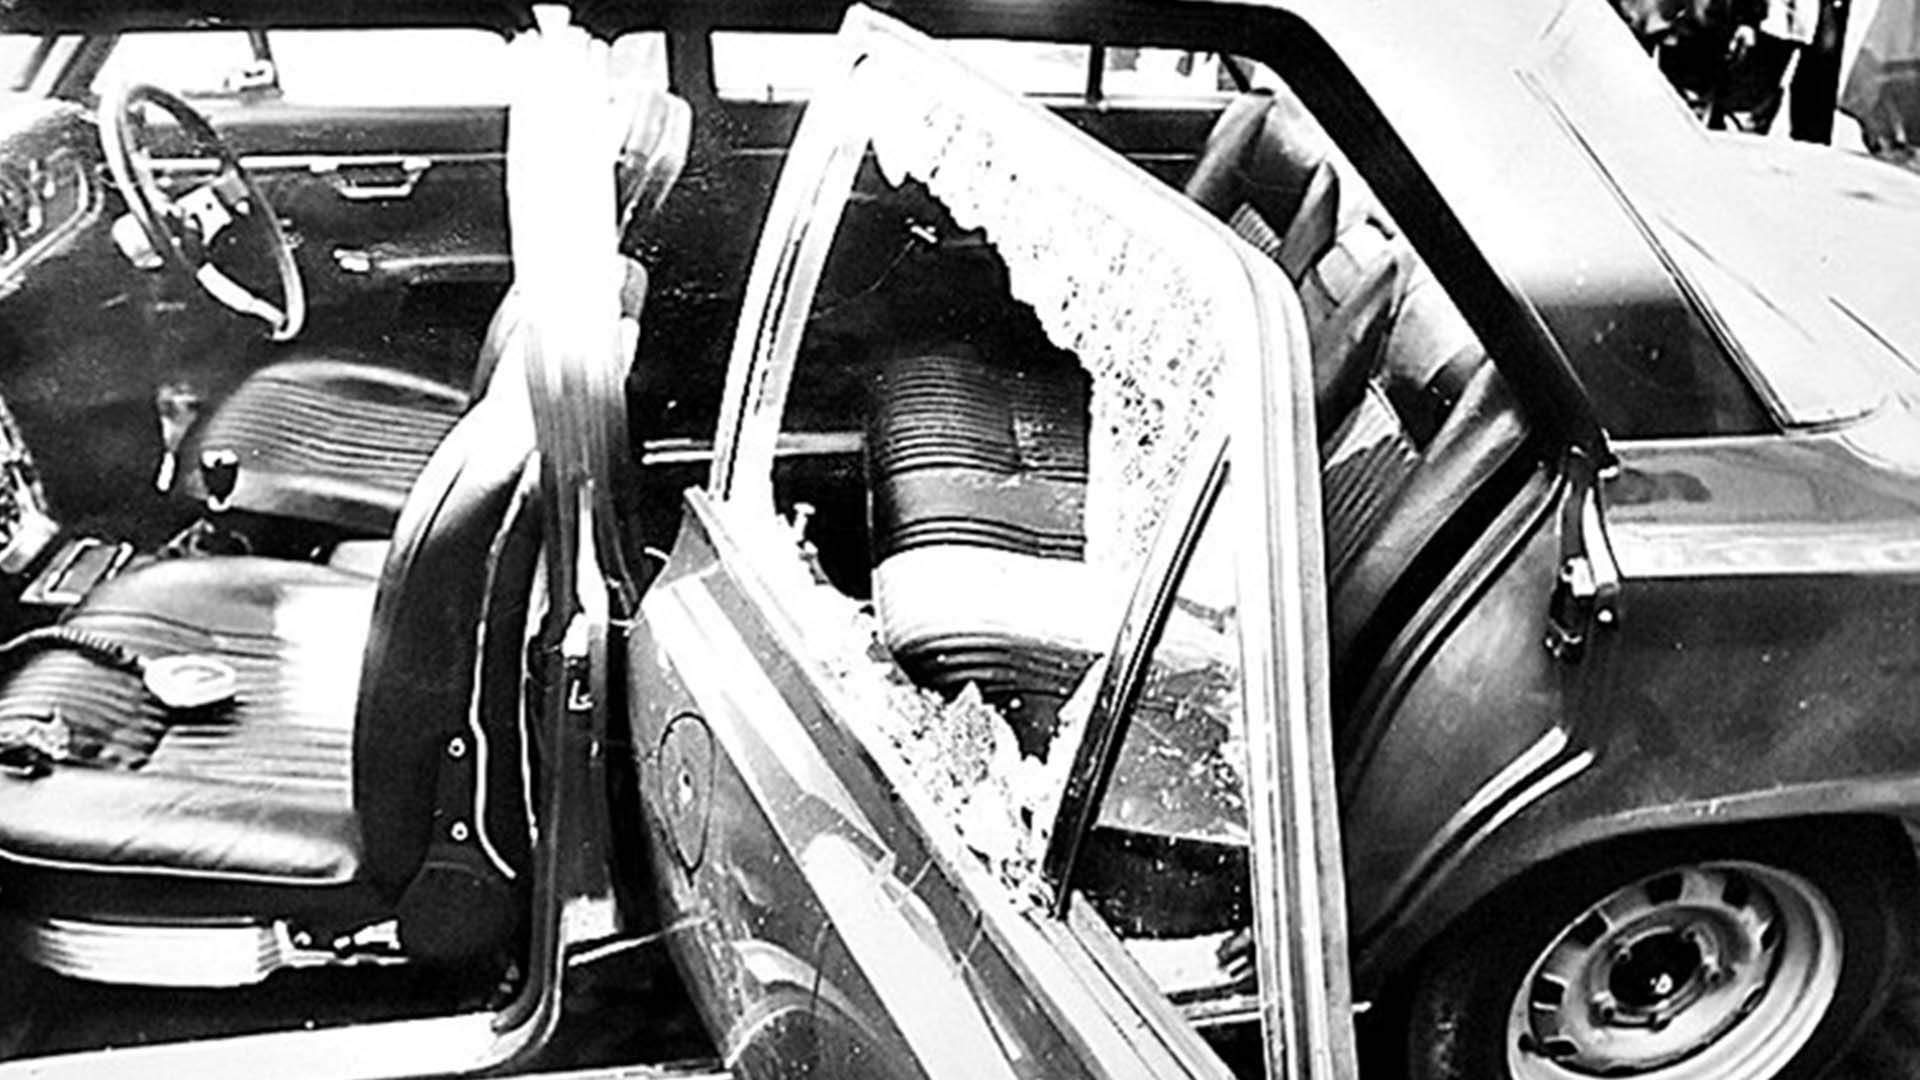 El automóvil que debía llevar a Rucci, destrozado.